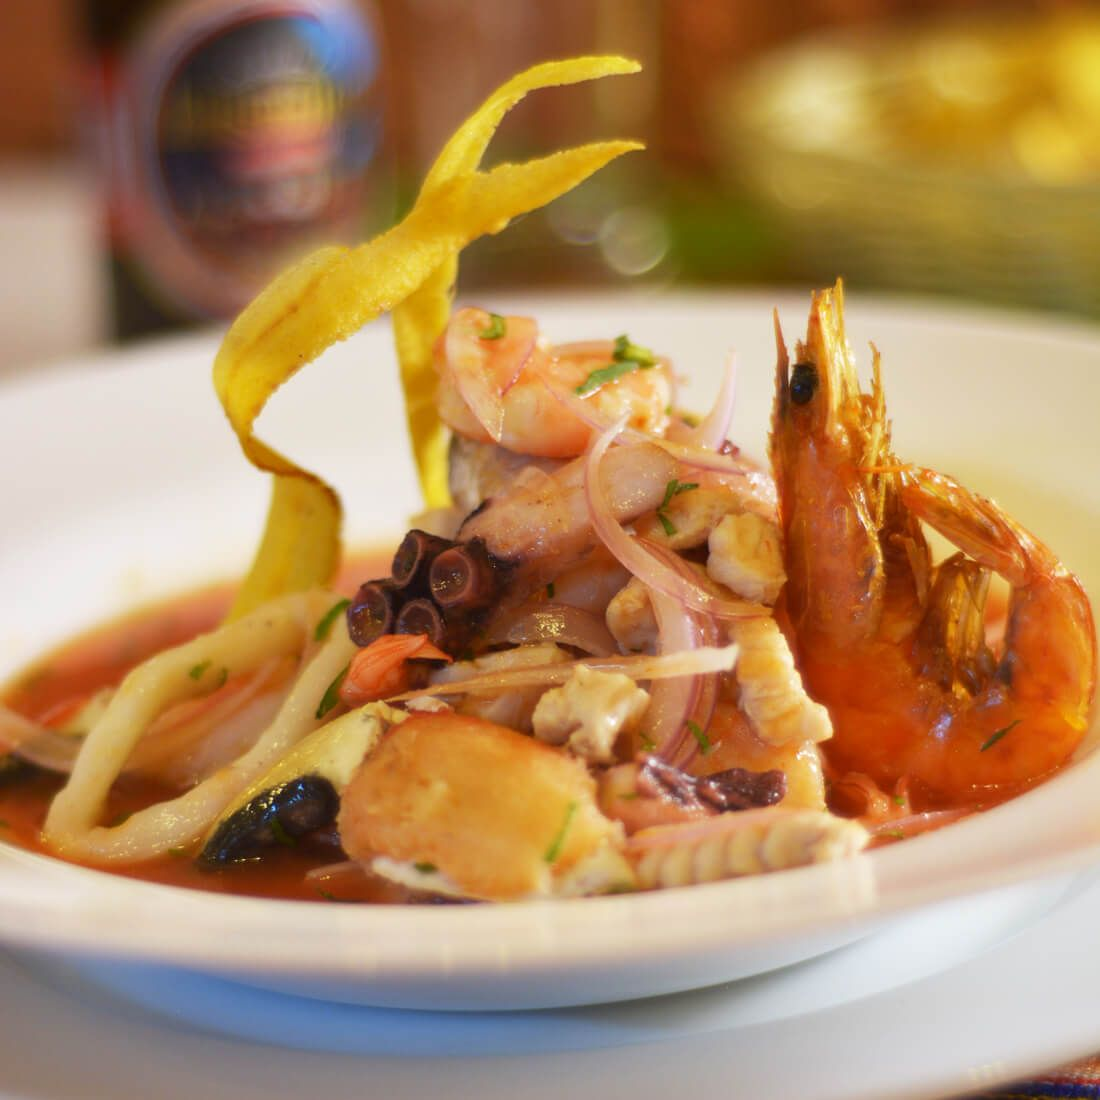 PATACóN Restaurante - Reserva en restaurantes de Comida ECUATORIANA - PROVIDENCIA - MESA 24/7 | SANTIAGO - Perú